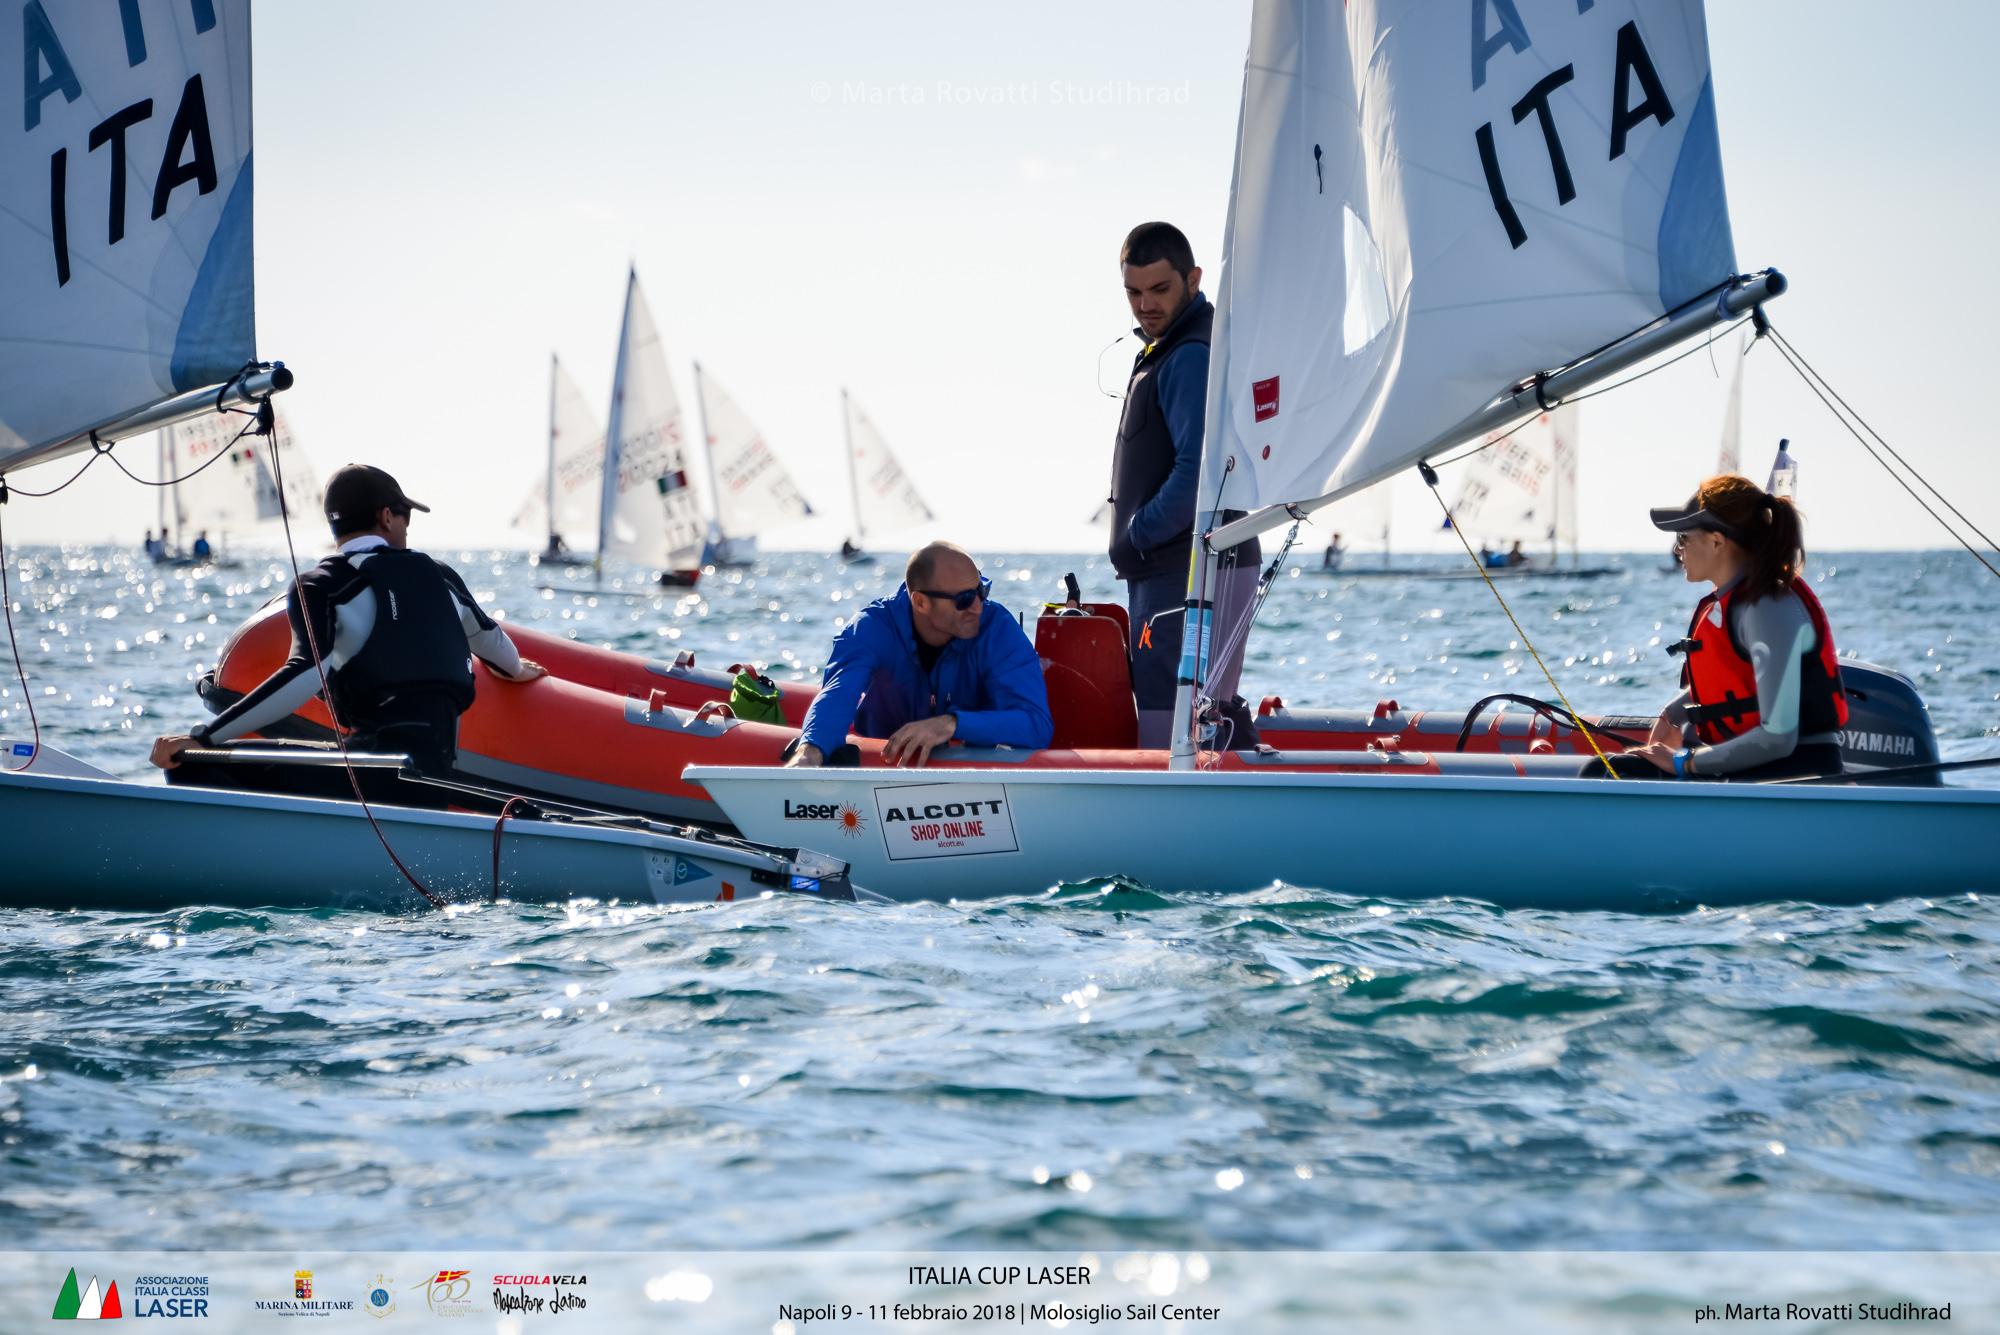 Associazione-Italia-Classi-Laser-2018-NapoliMGR_0046